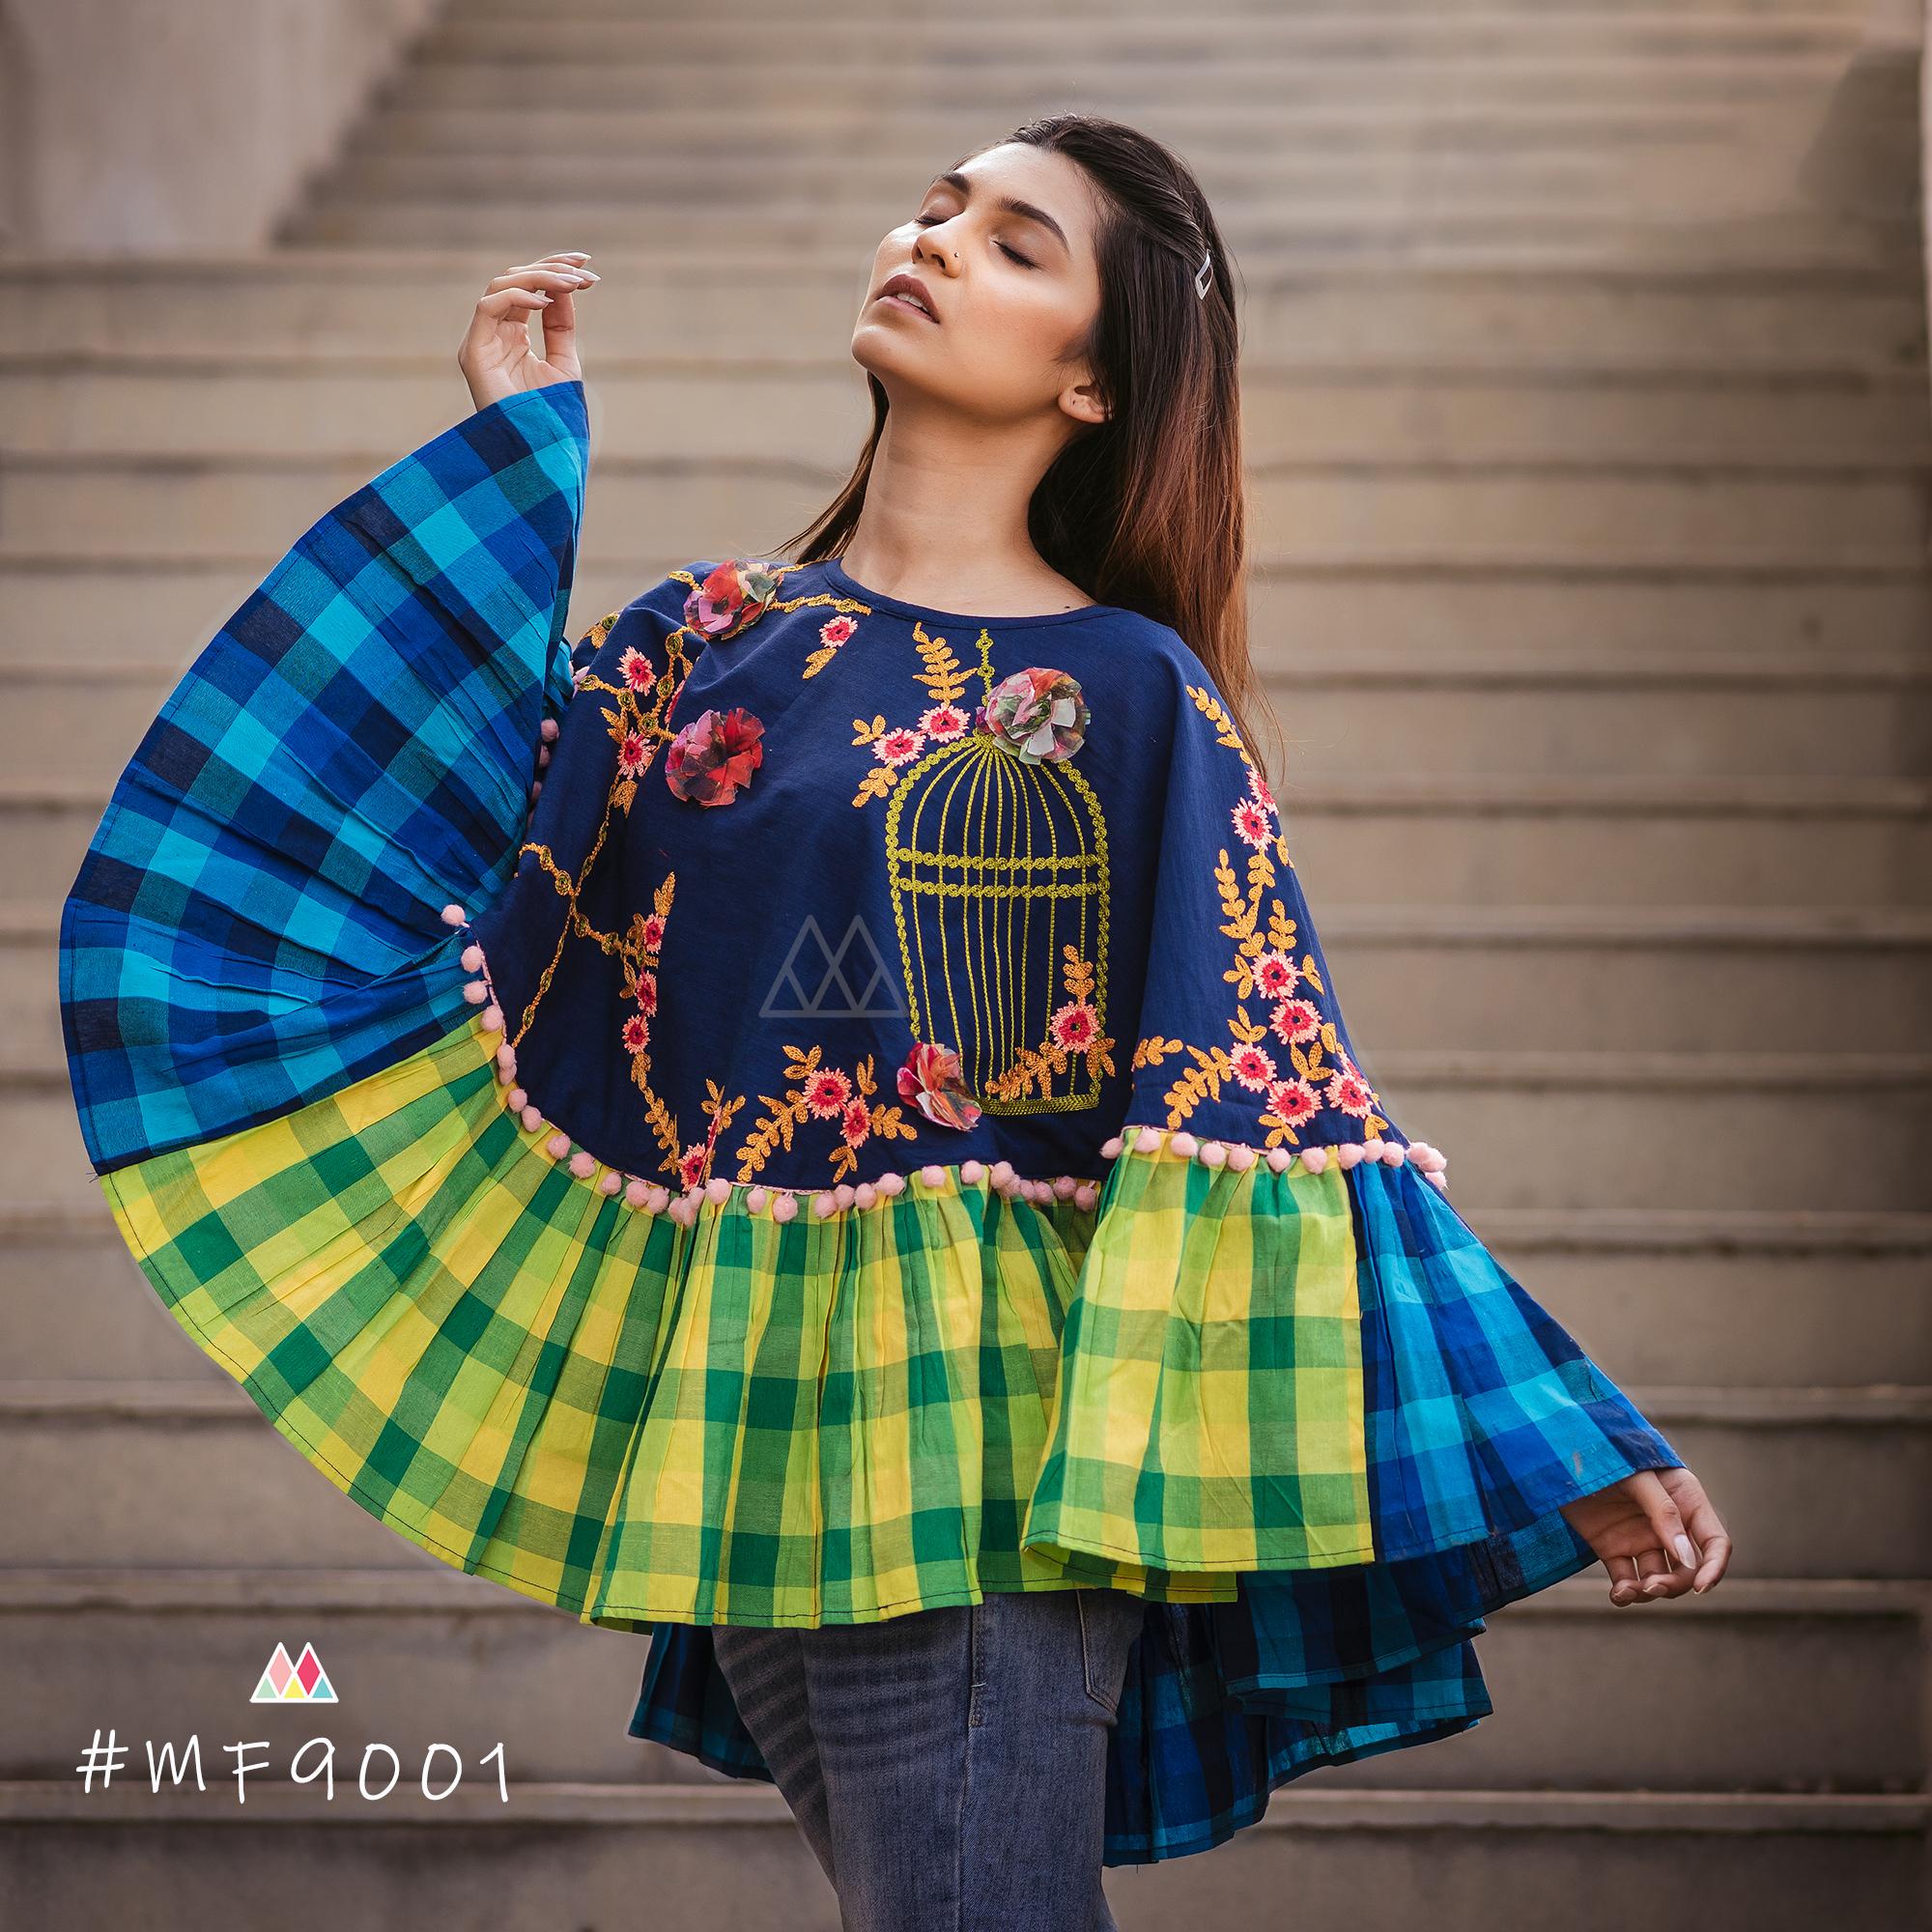 e938d94e1d2 Designer tops for girls